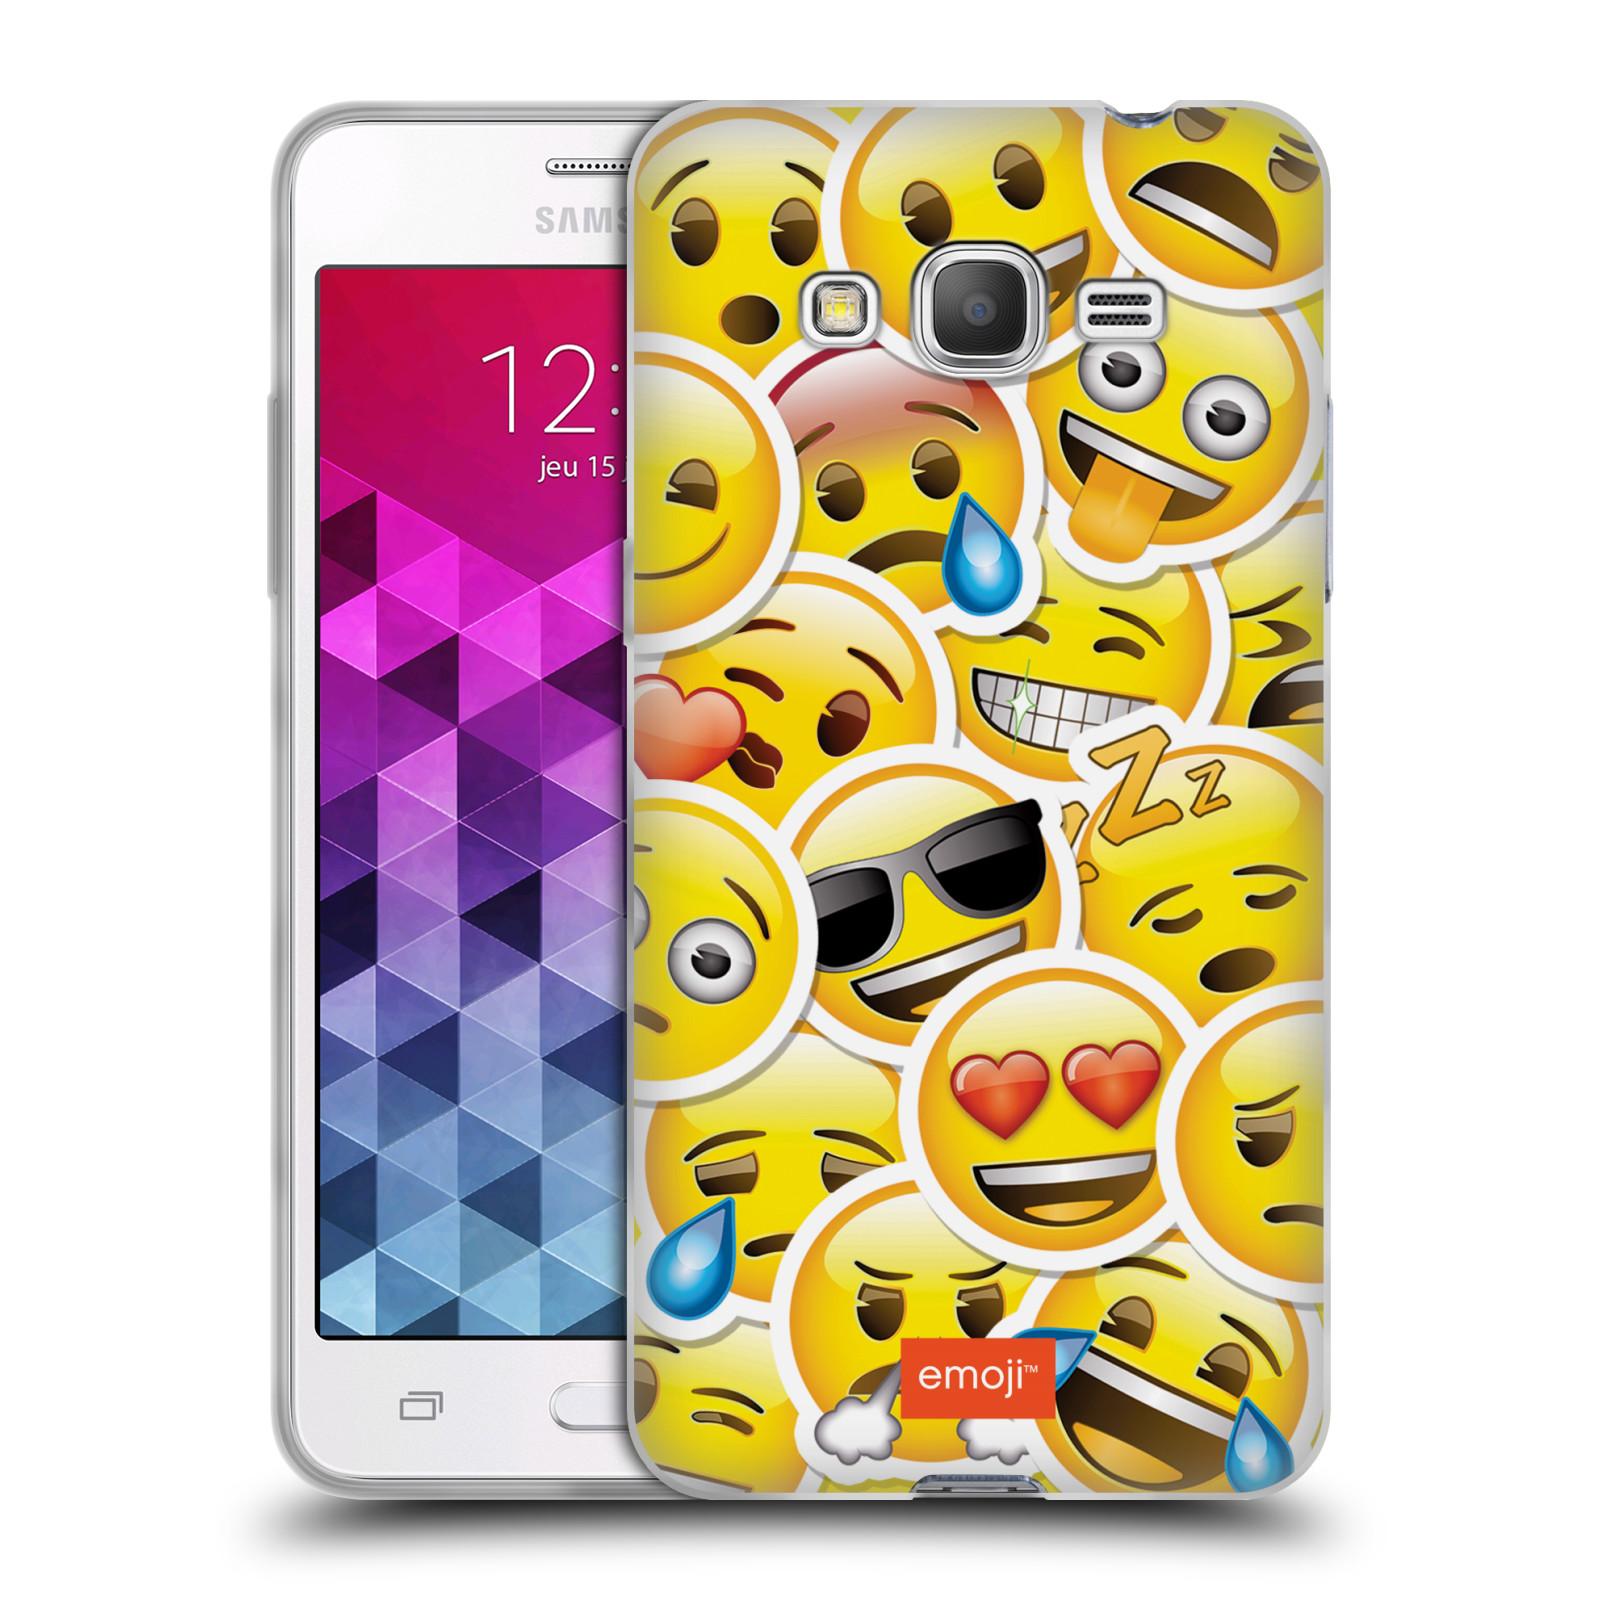 Silikonové pouzdro na mobil Samsung Galaxy Grand Prime HEAD CASE EMOJI - Velcí smajlíci ZZ